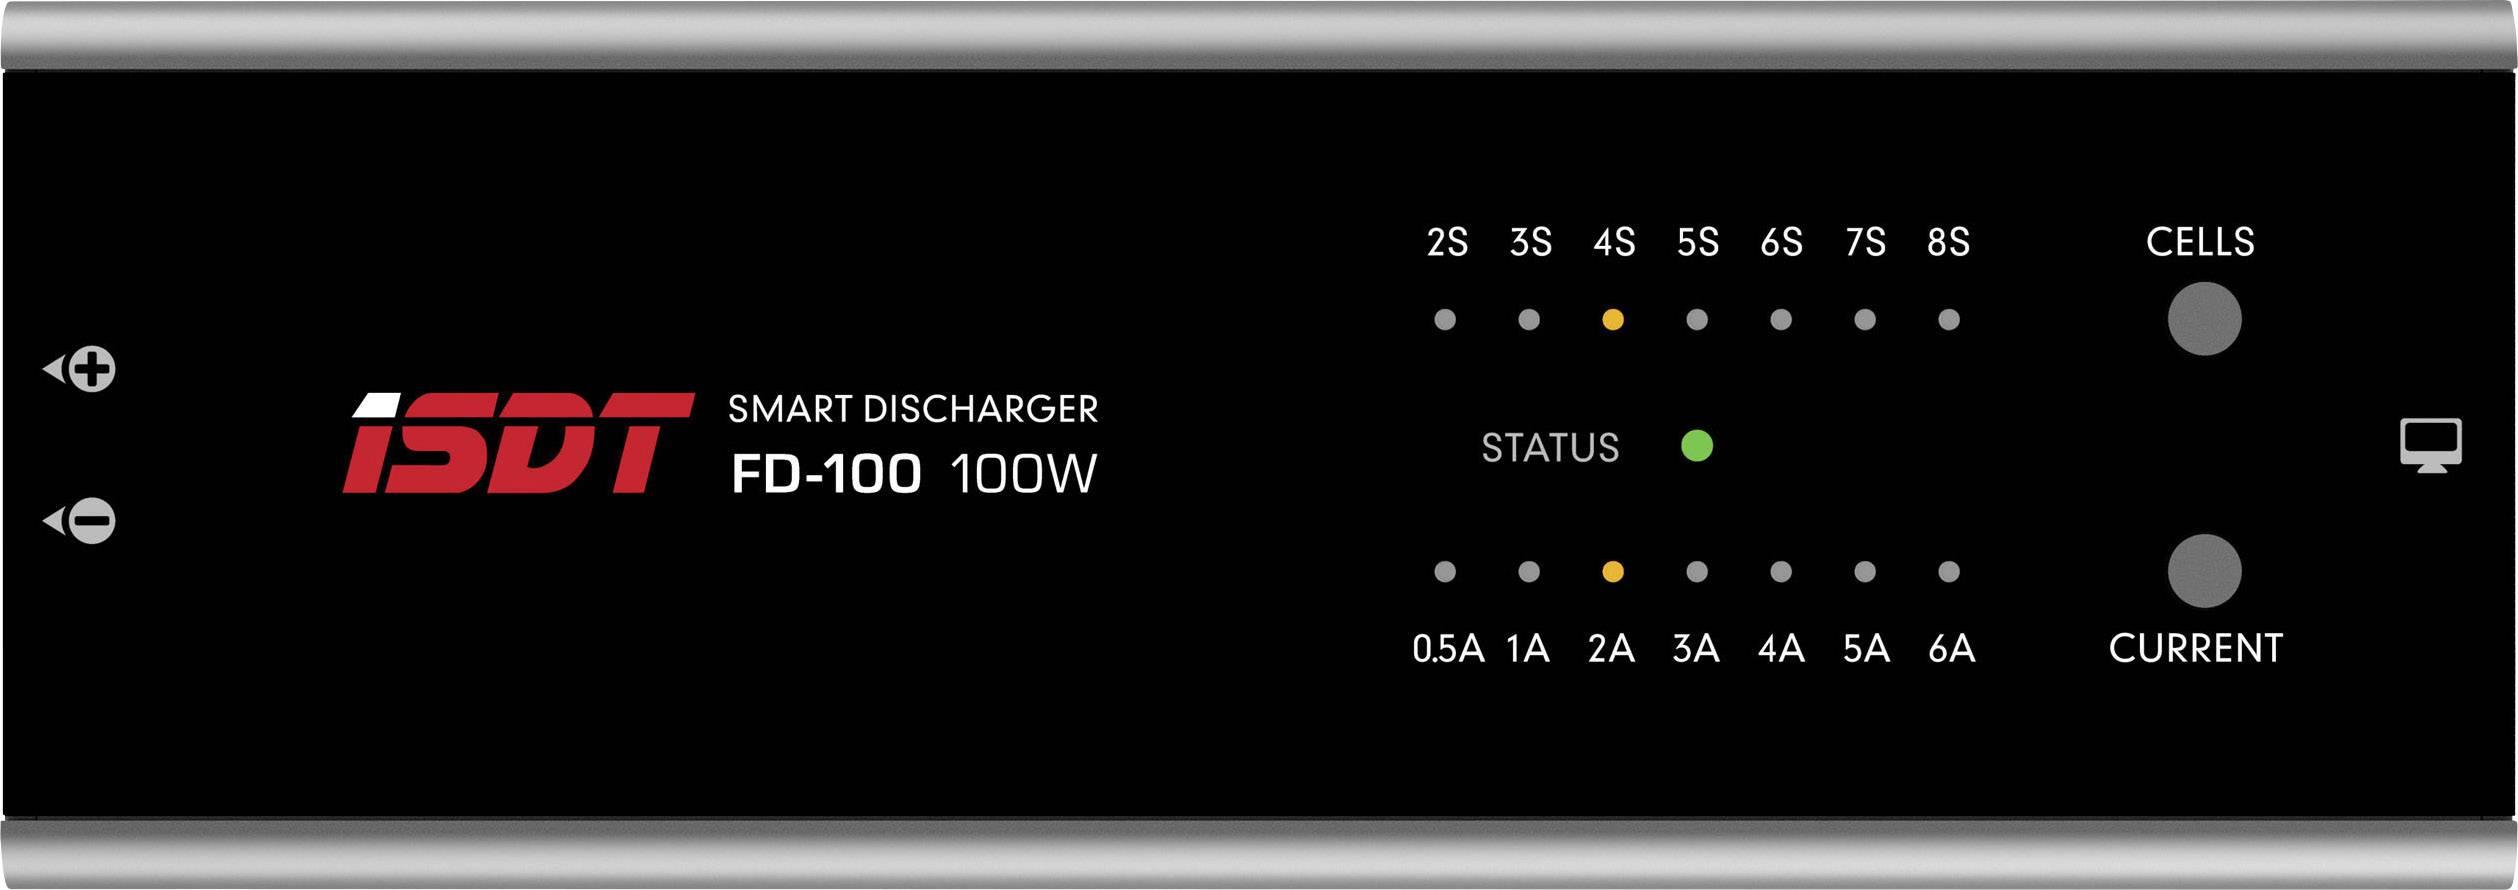 Scaricatore per modellismo ISDT FD 100 LiPo, LiIon, LiFePO, LiHV